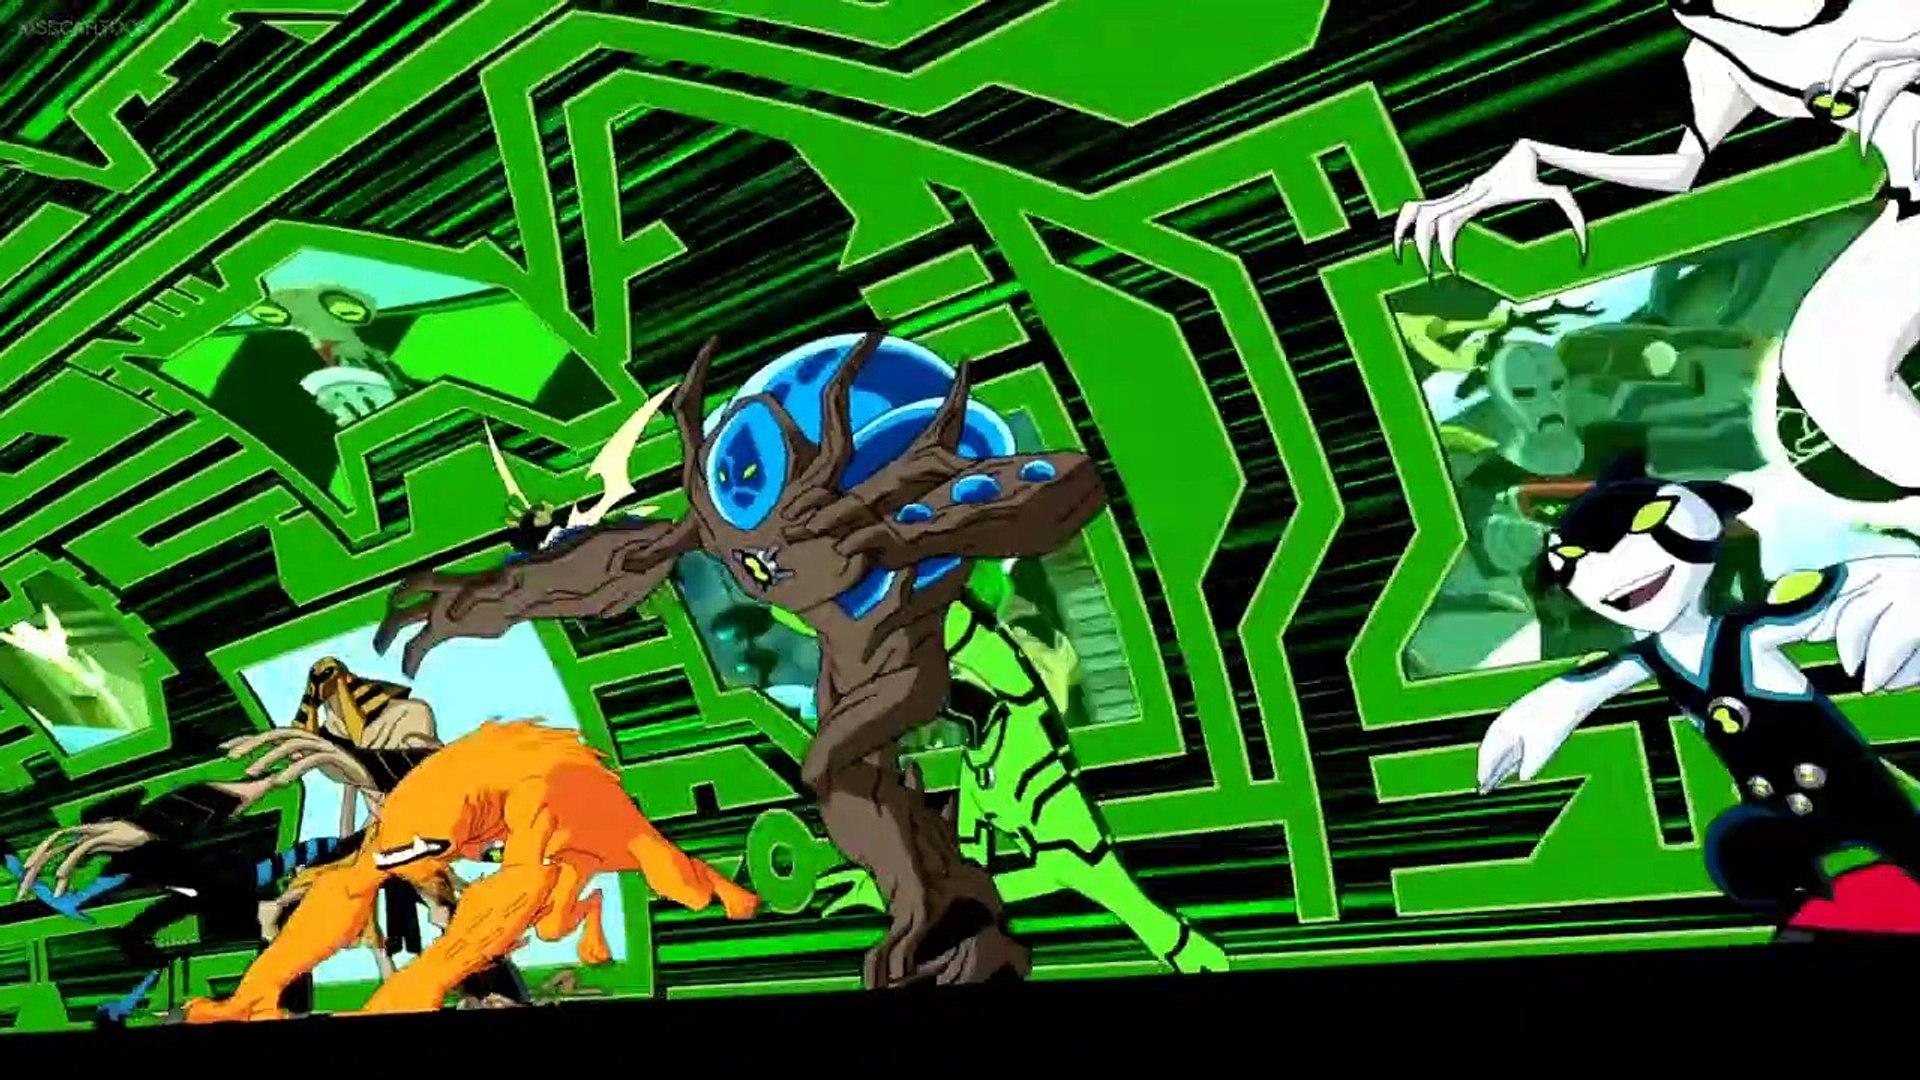 Ben 10 Ultimate Alien s1 ep13